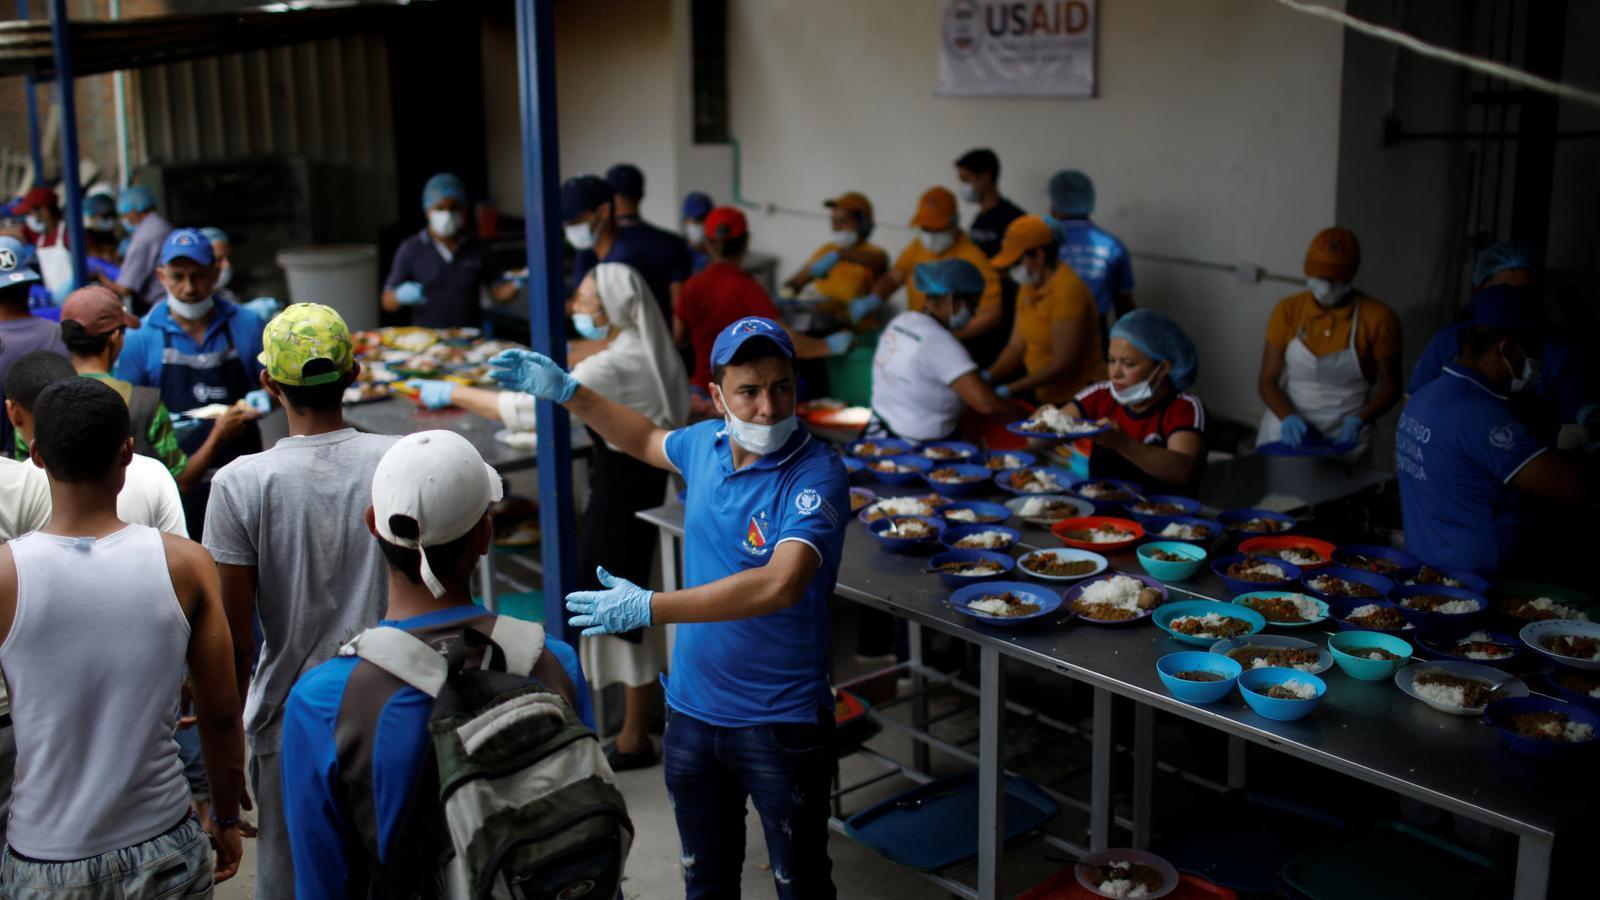 Més de 4.000 veneçolans creuen diàriament la frontera amb Colòmbia per esmorzar